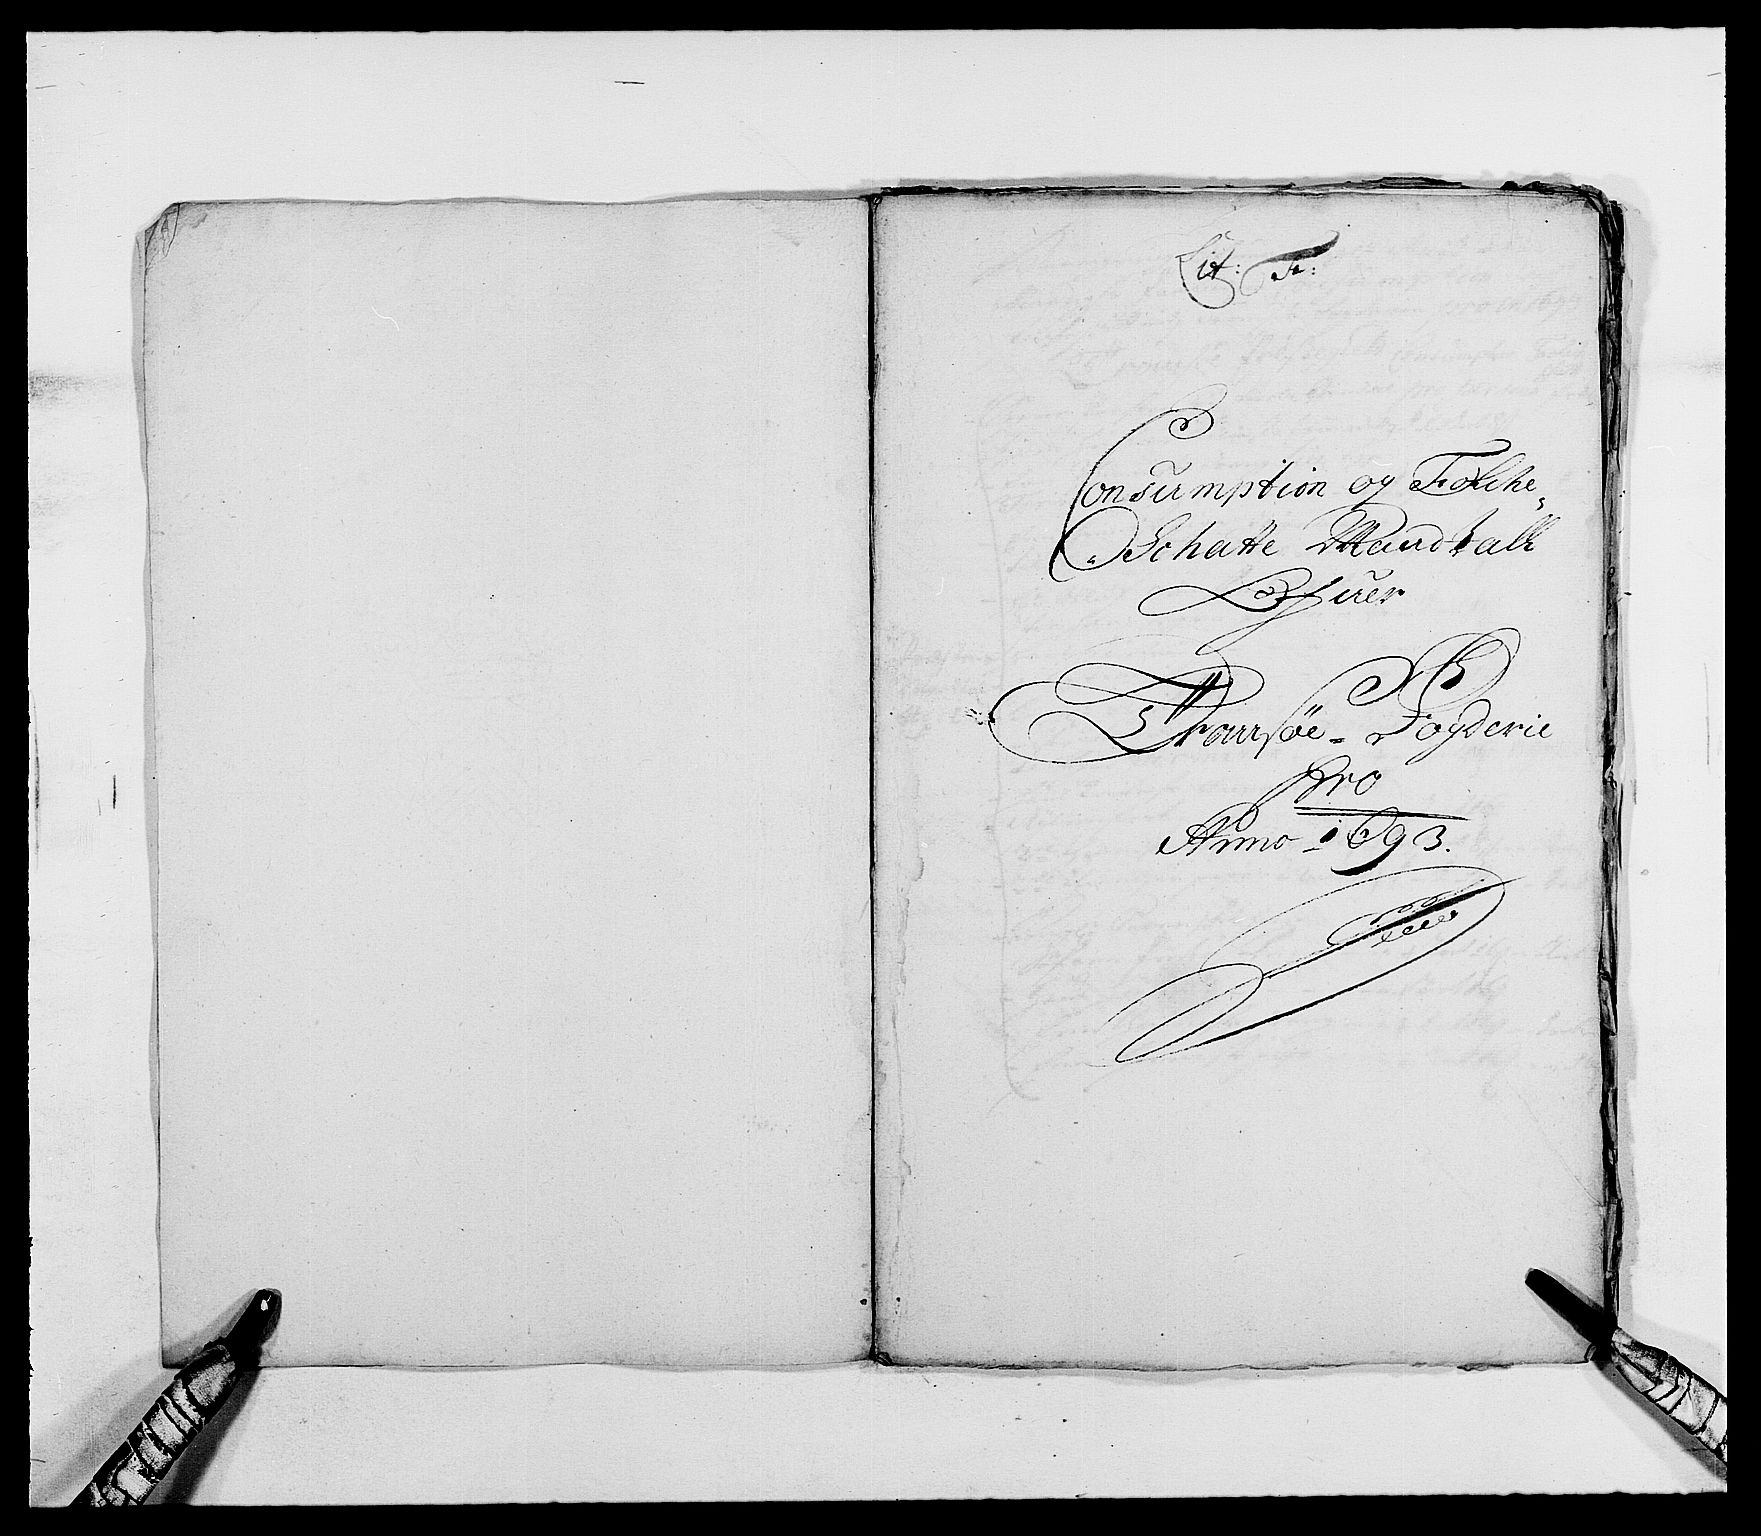 RA, Rentekammeret inntil 1814, Reviderte regnskaper, Fogderegnskap, R68/L4751: Fogderegnskap Senja og Troms, 1690-1693, s. 318